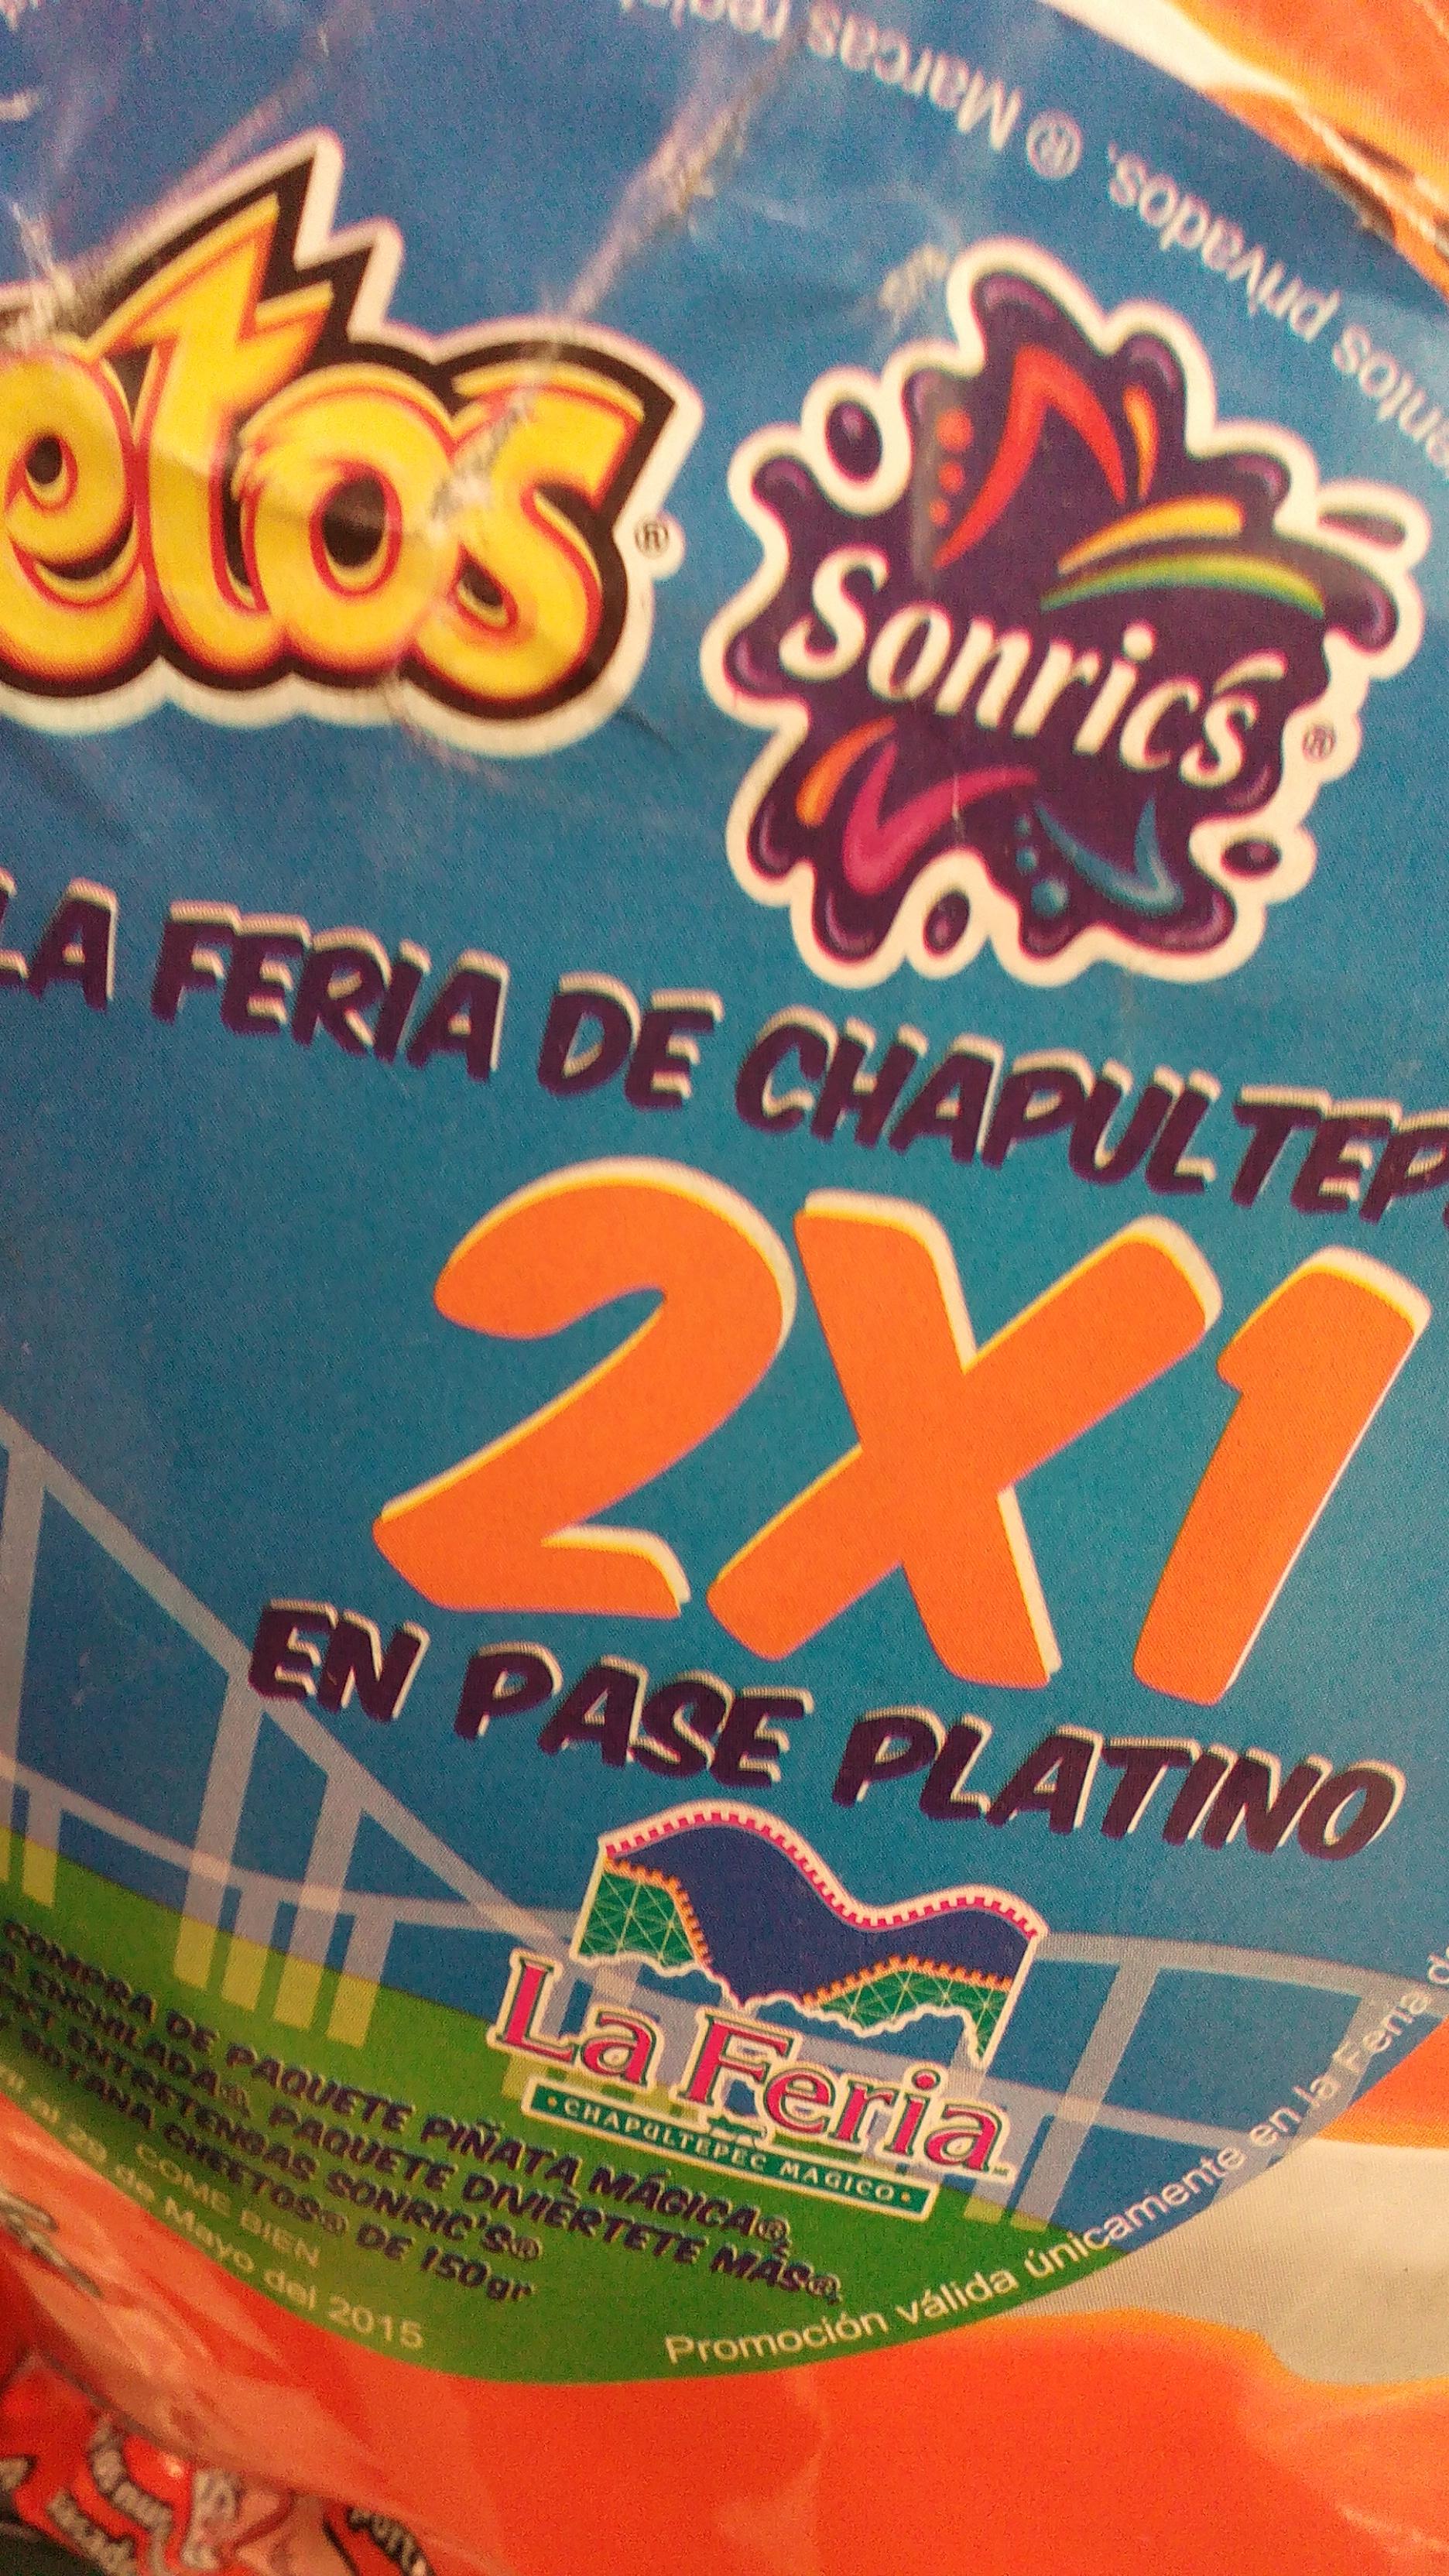 La Feria: Pasaporte PLATINO 2x1 en la compra de Cheetos